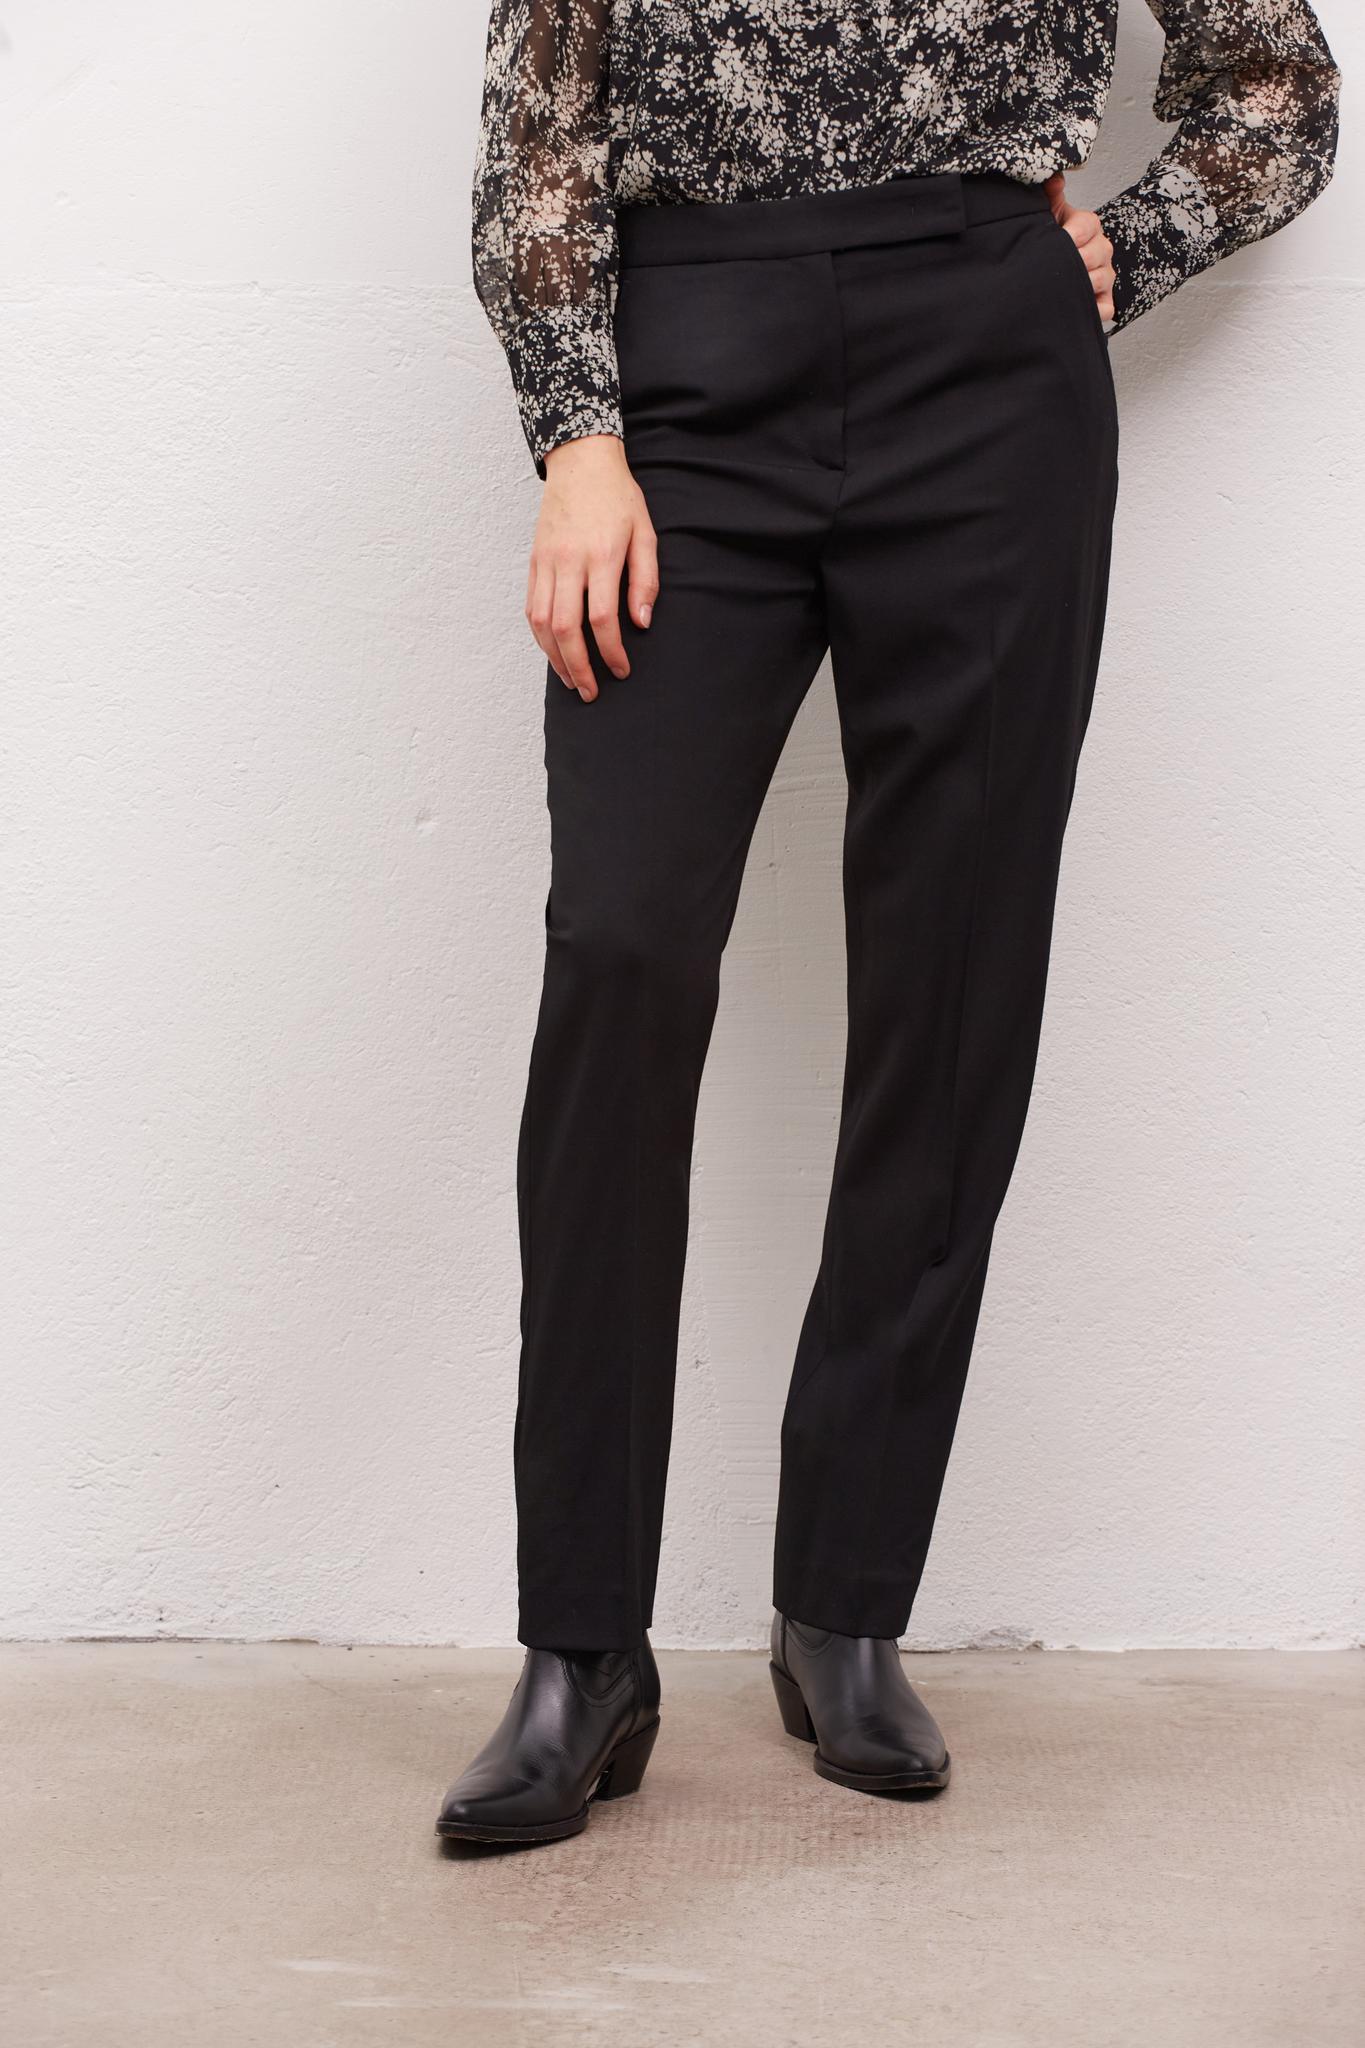 ELISA - Прямые брюки из вирджинской шерсти